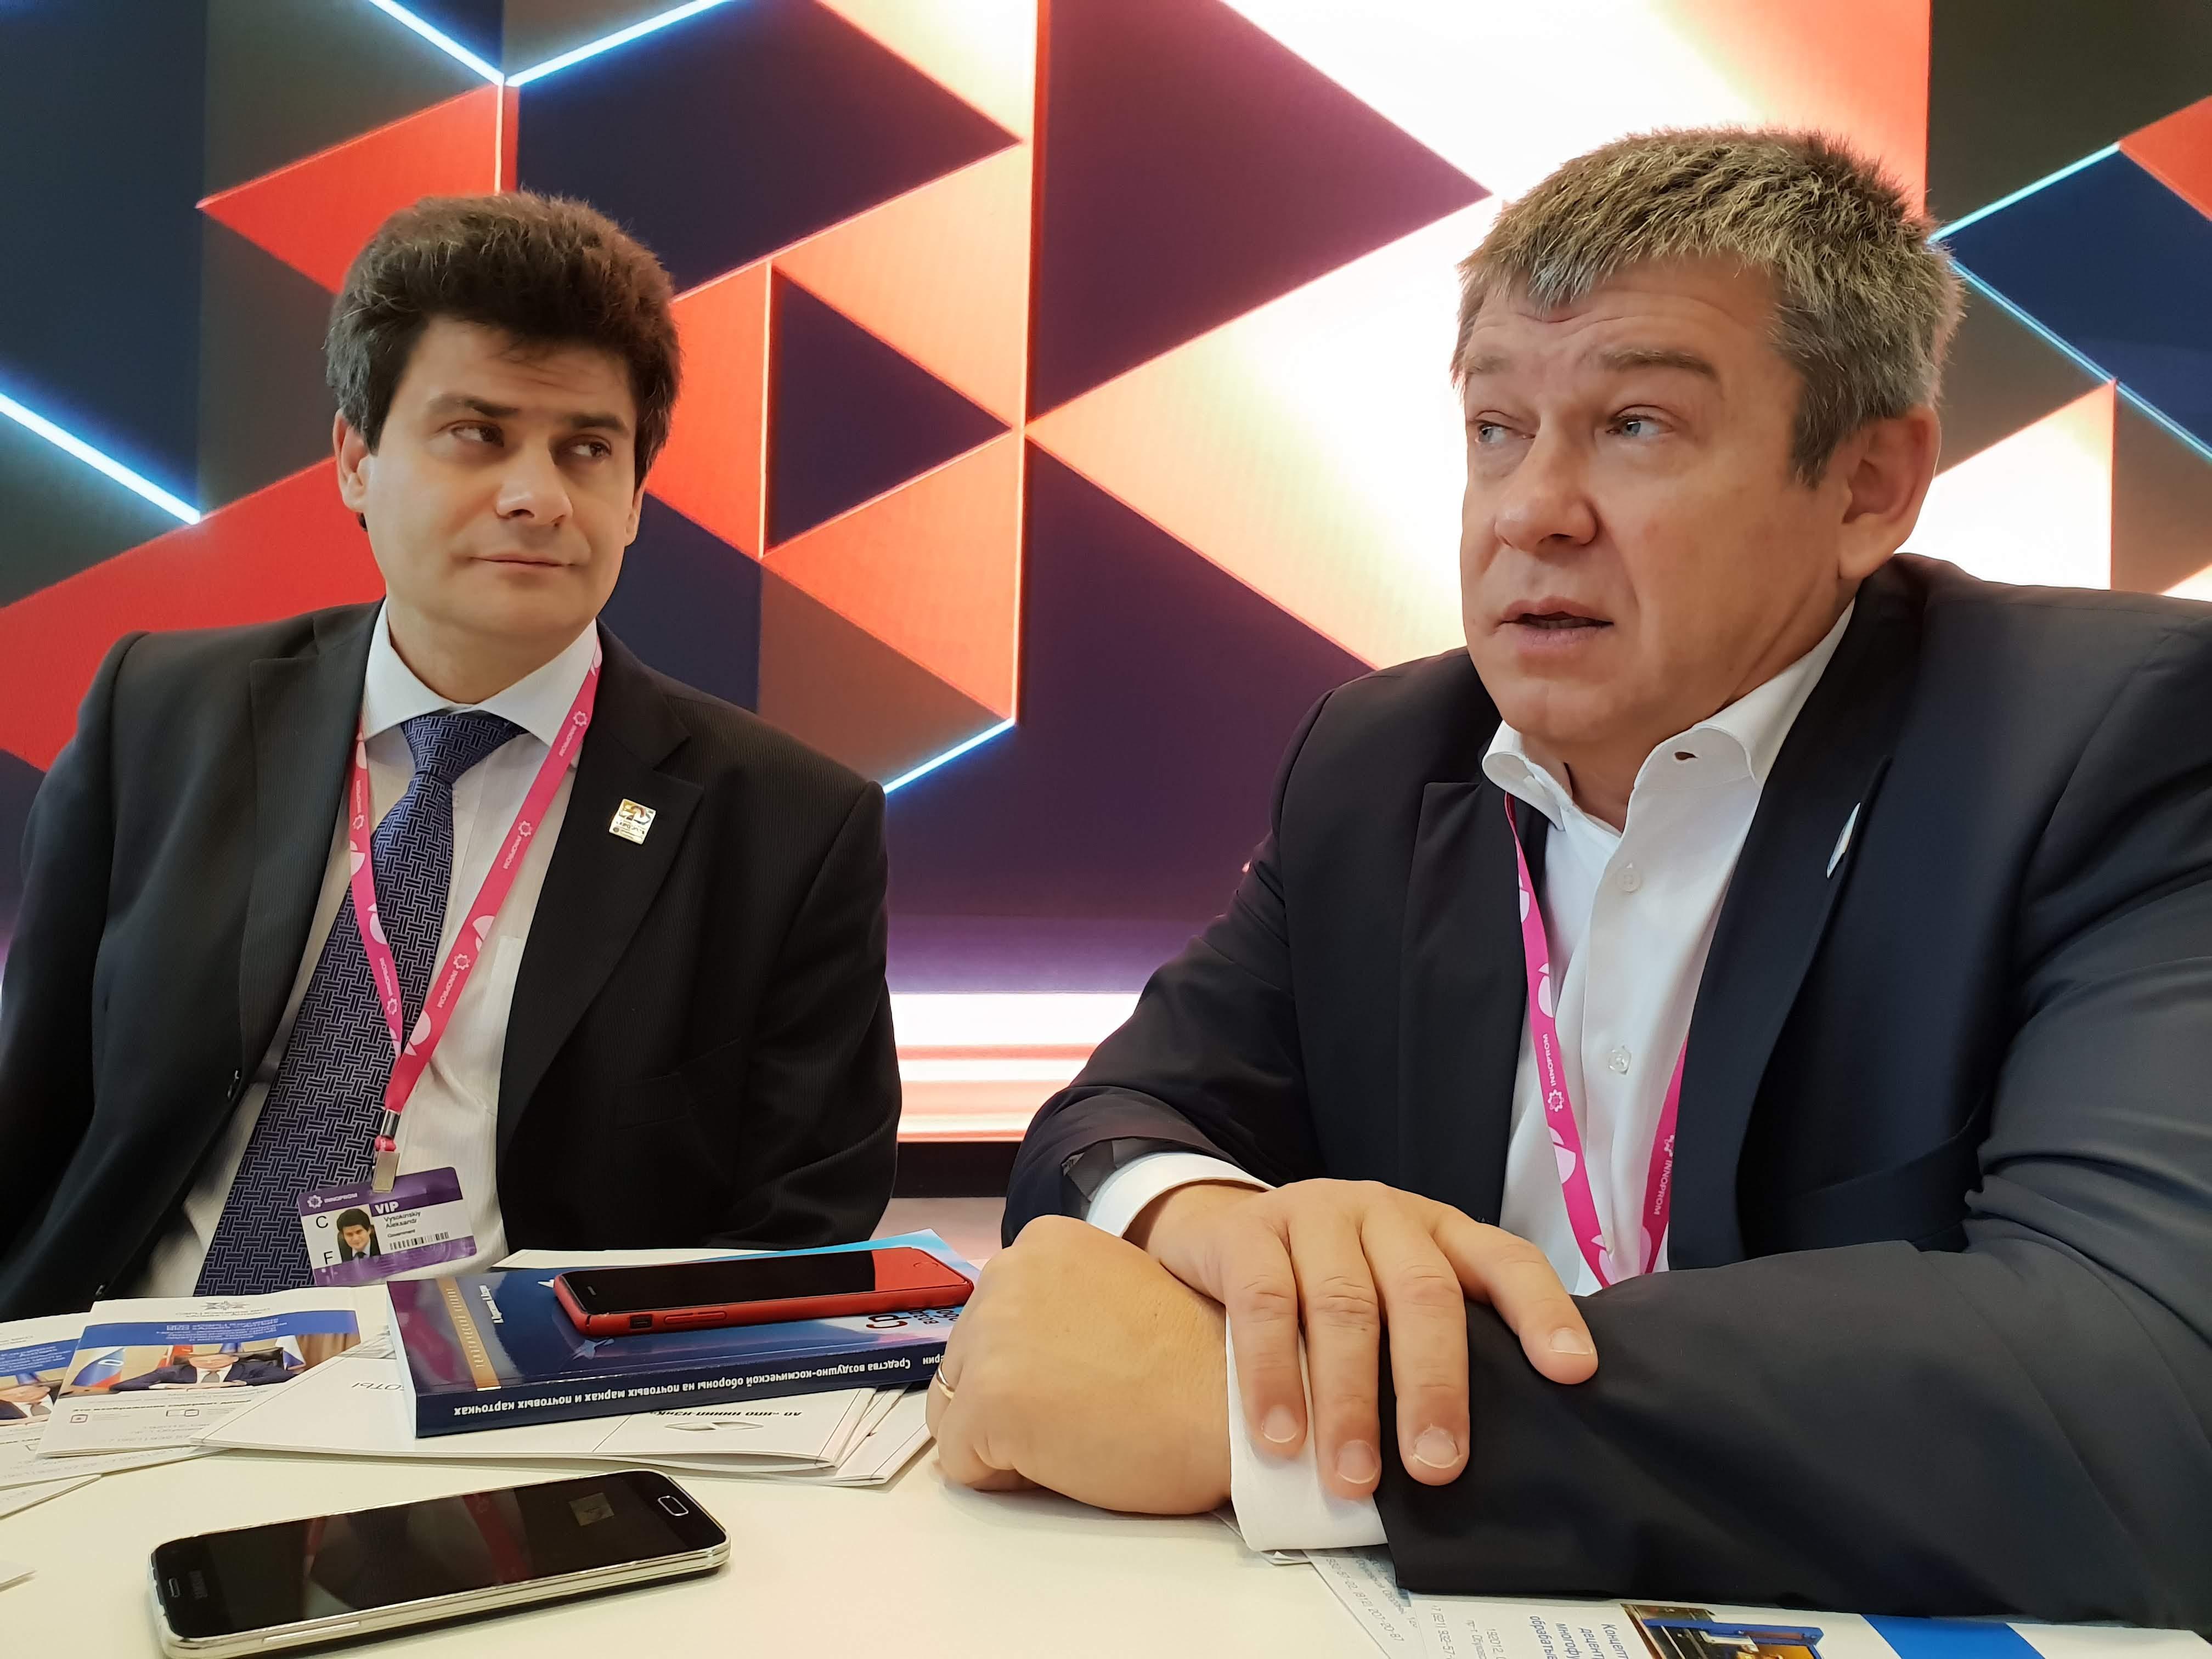 Глава комитета Экспо-2025: «Без поддержки Европы победить будет сложно»